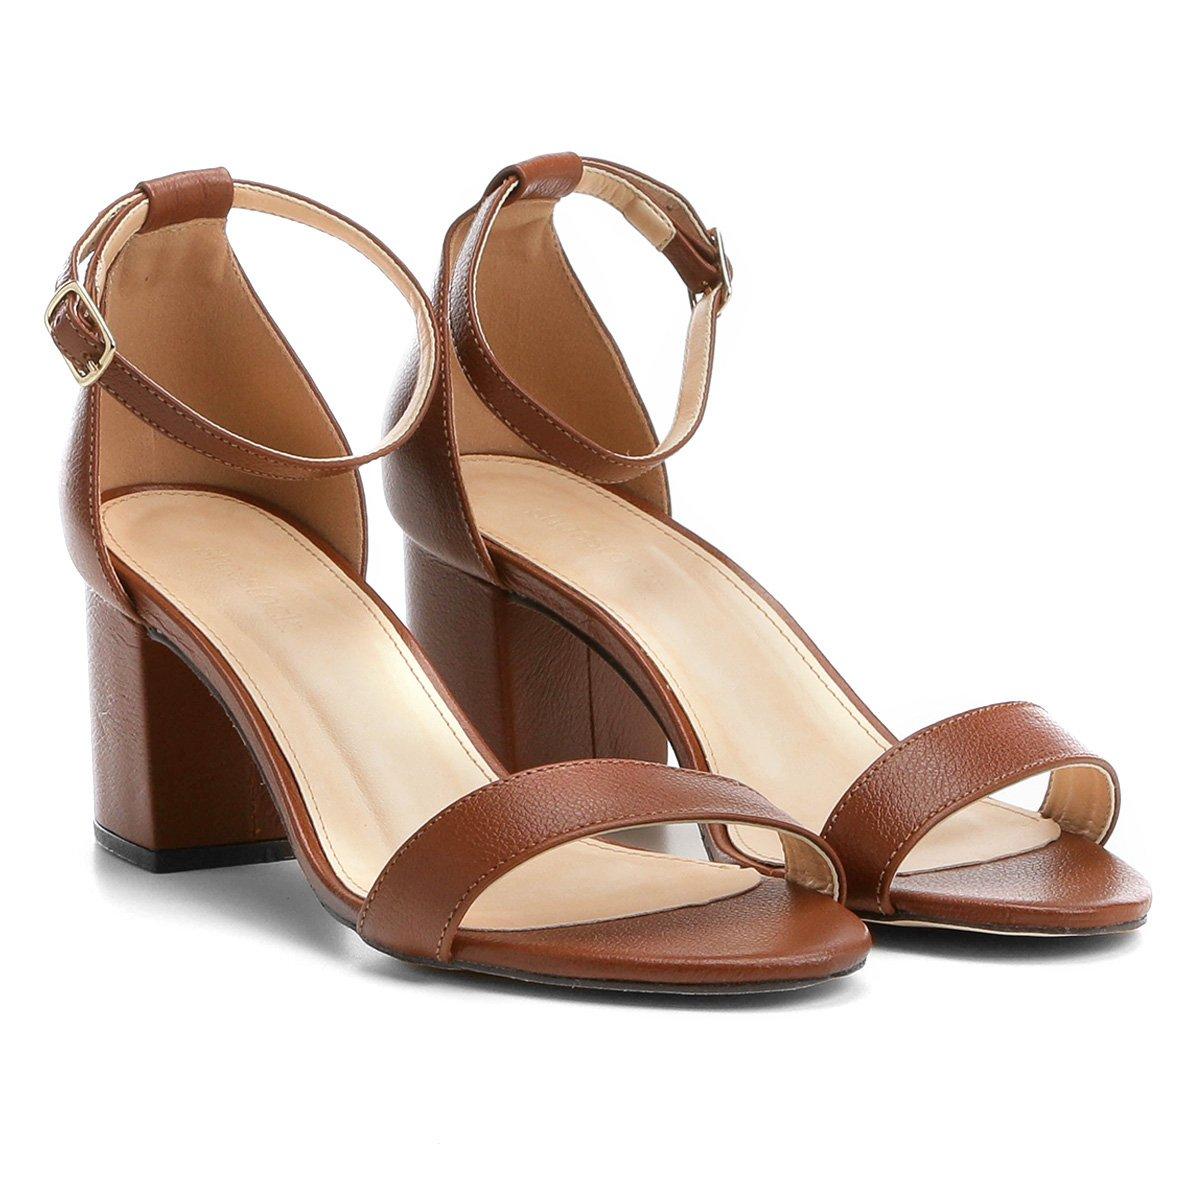 eaf4829fe6 Sandália Couro Shoestock Salto Grosso Naked Feminina